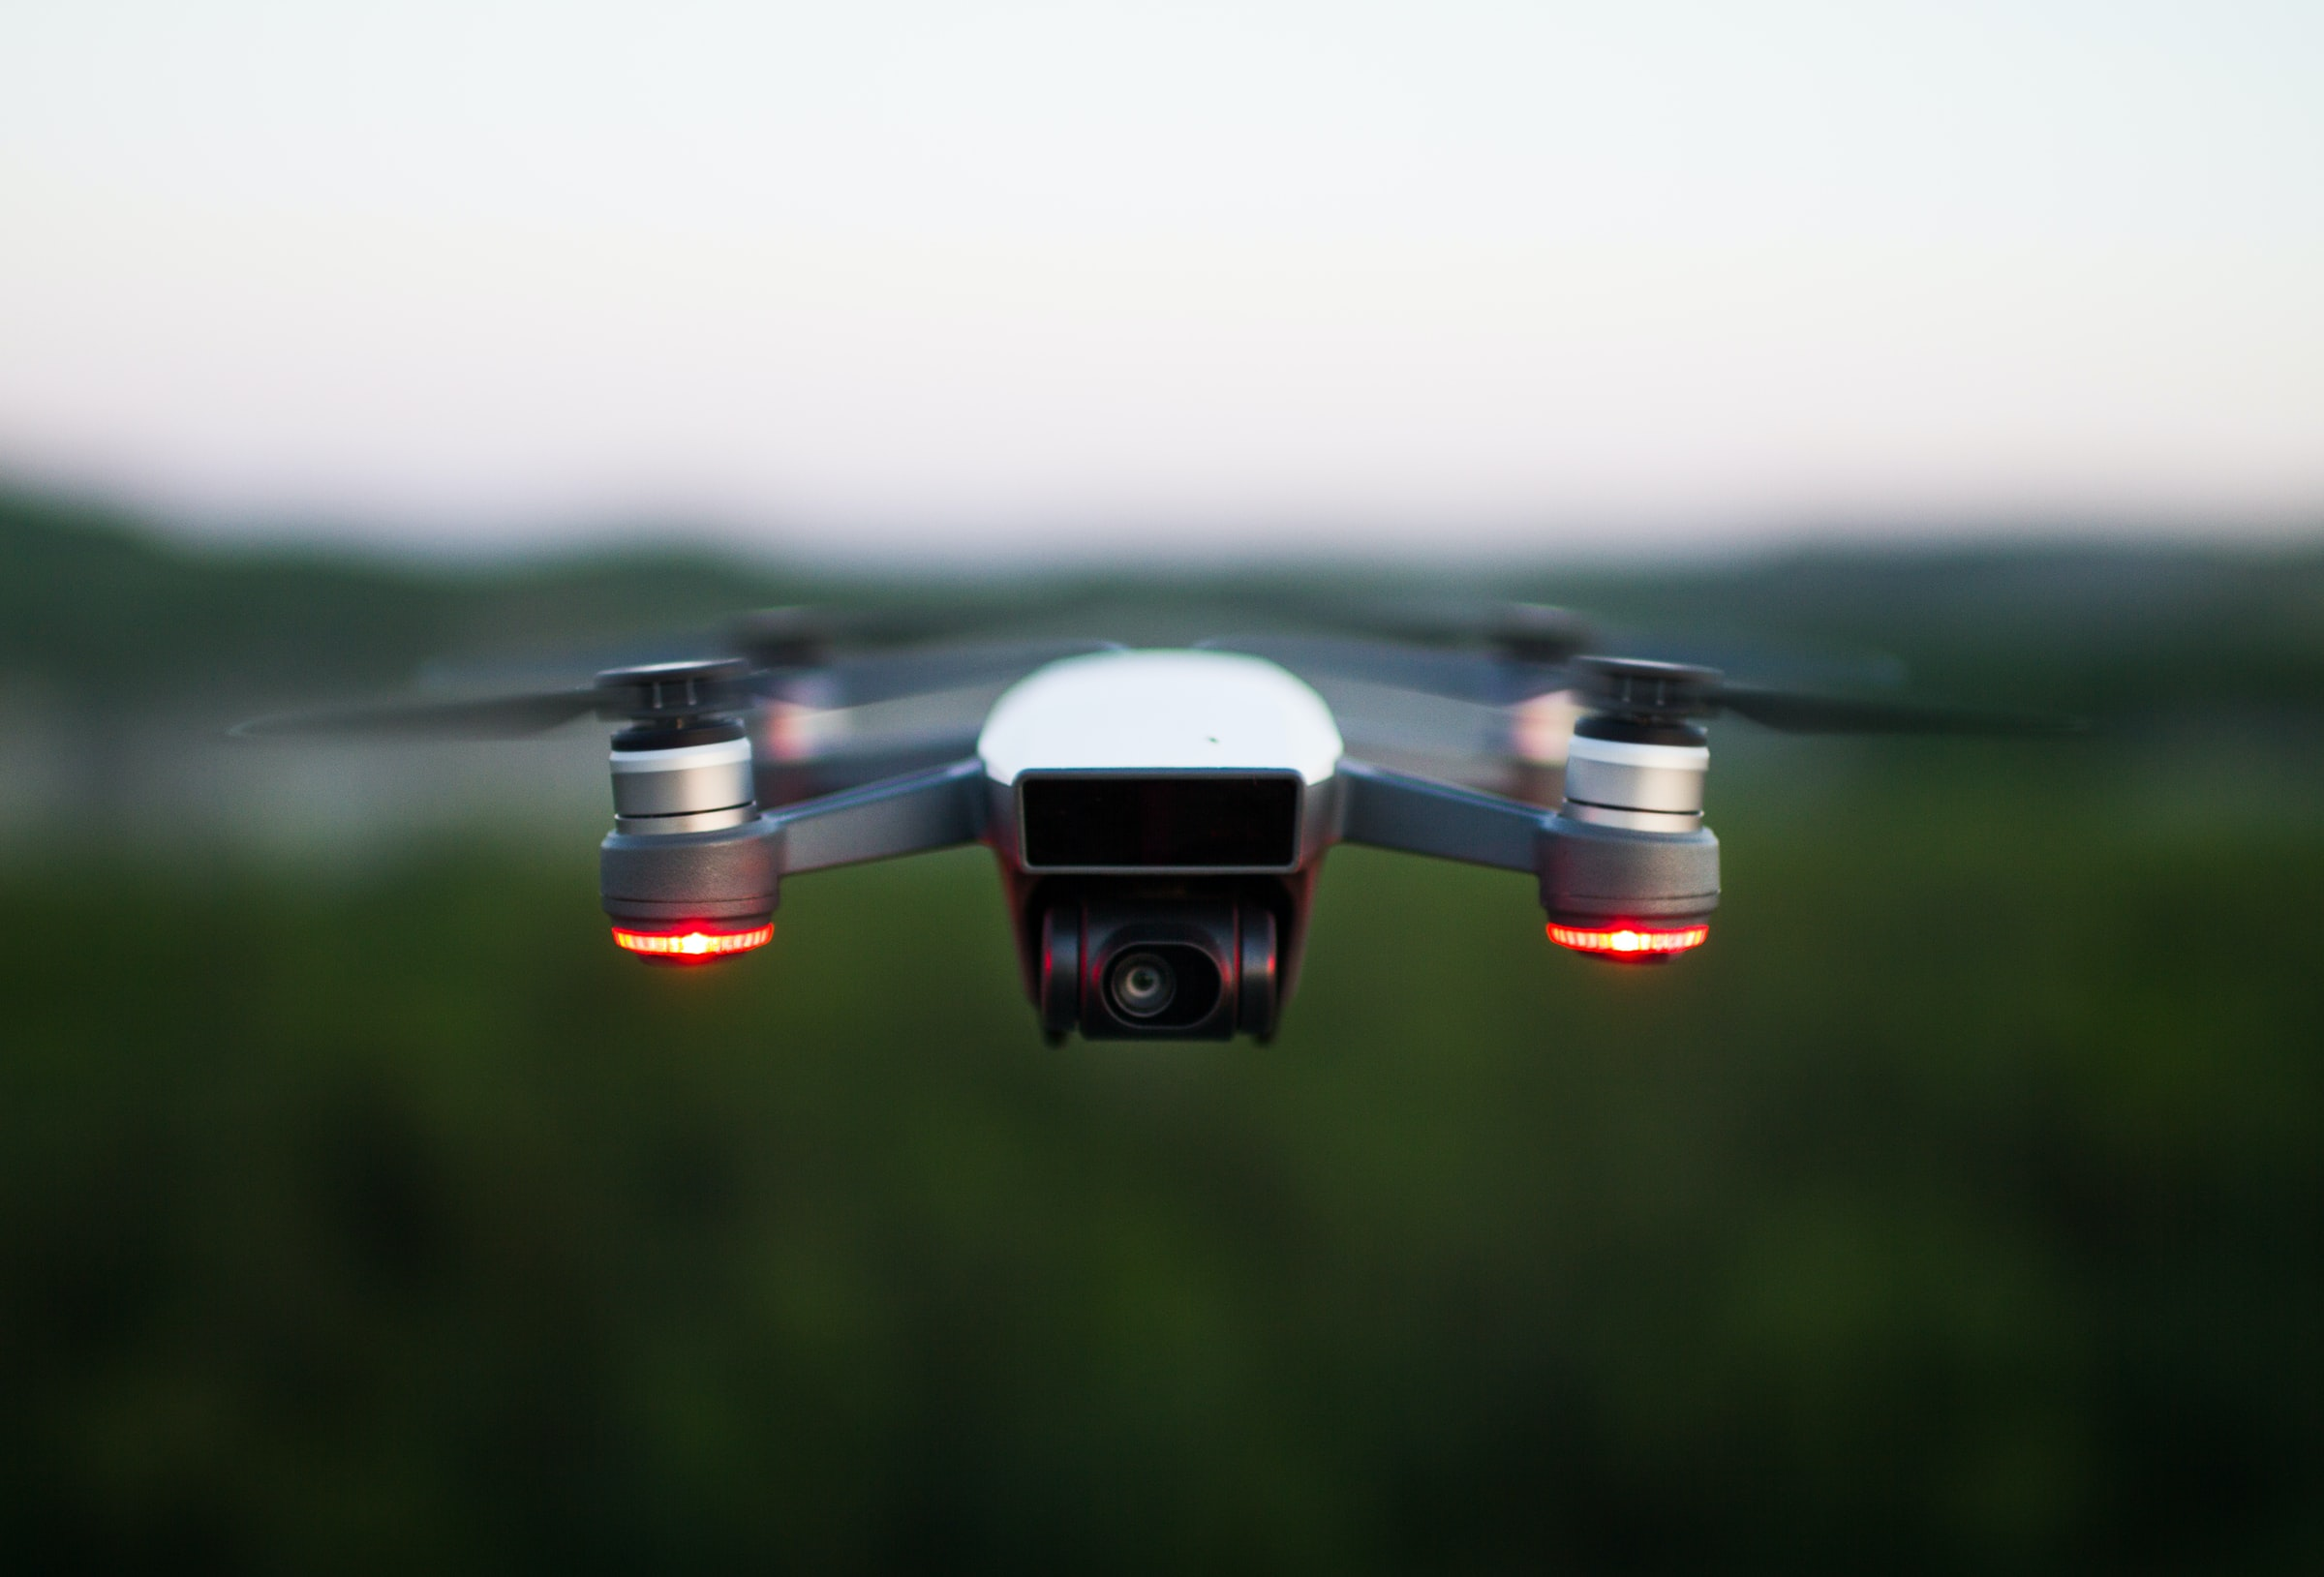 Seguro anual de drone ou seguro de drone por horas de voo